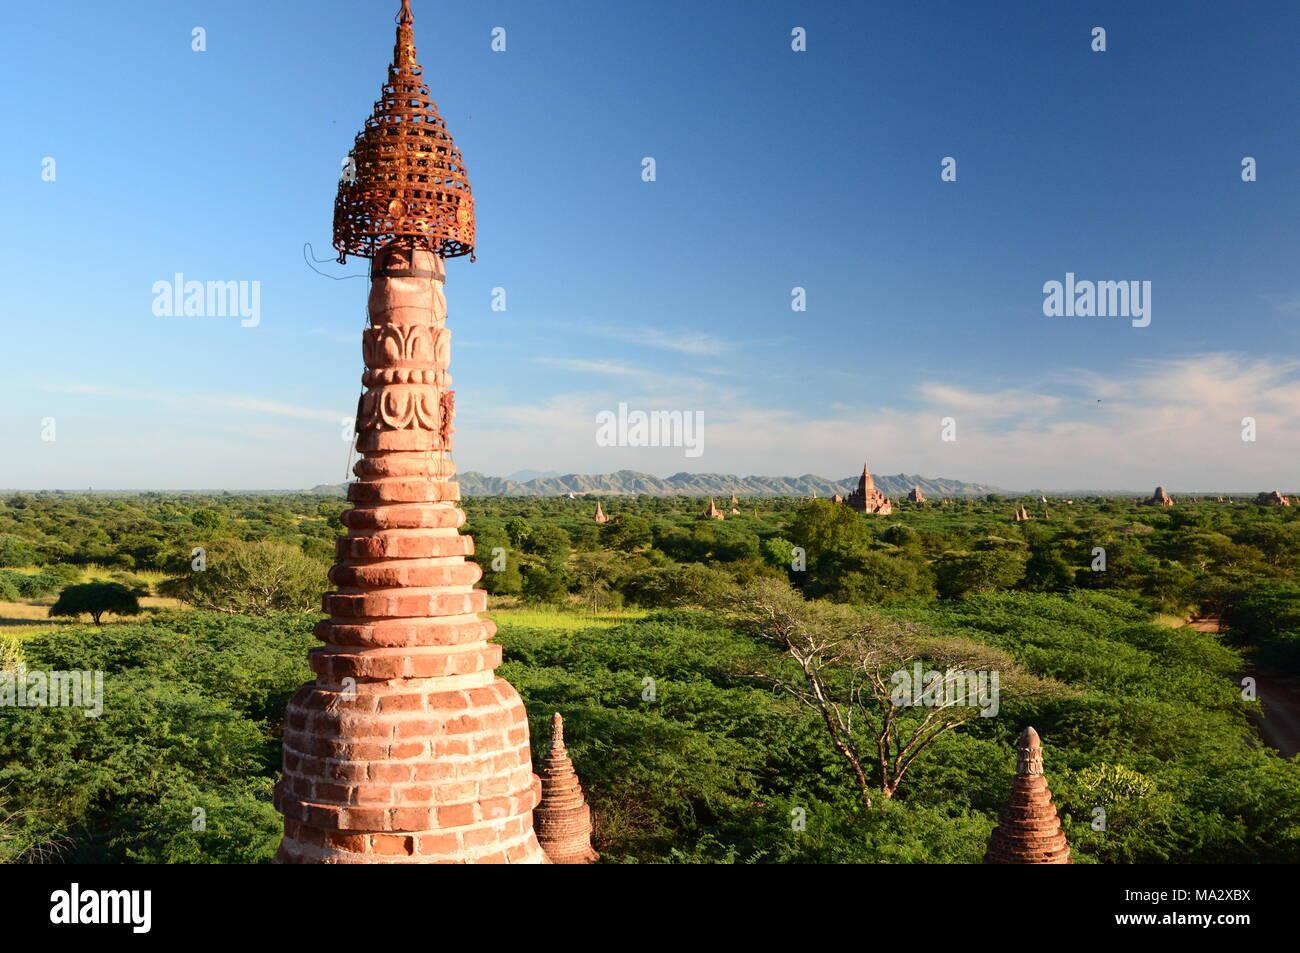 Panorama of the plain. Bagan. Mandalay region. Myanmar - Stock Image